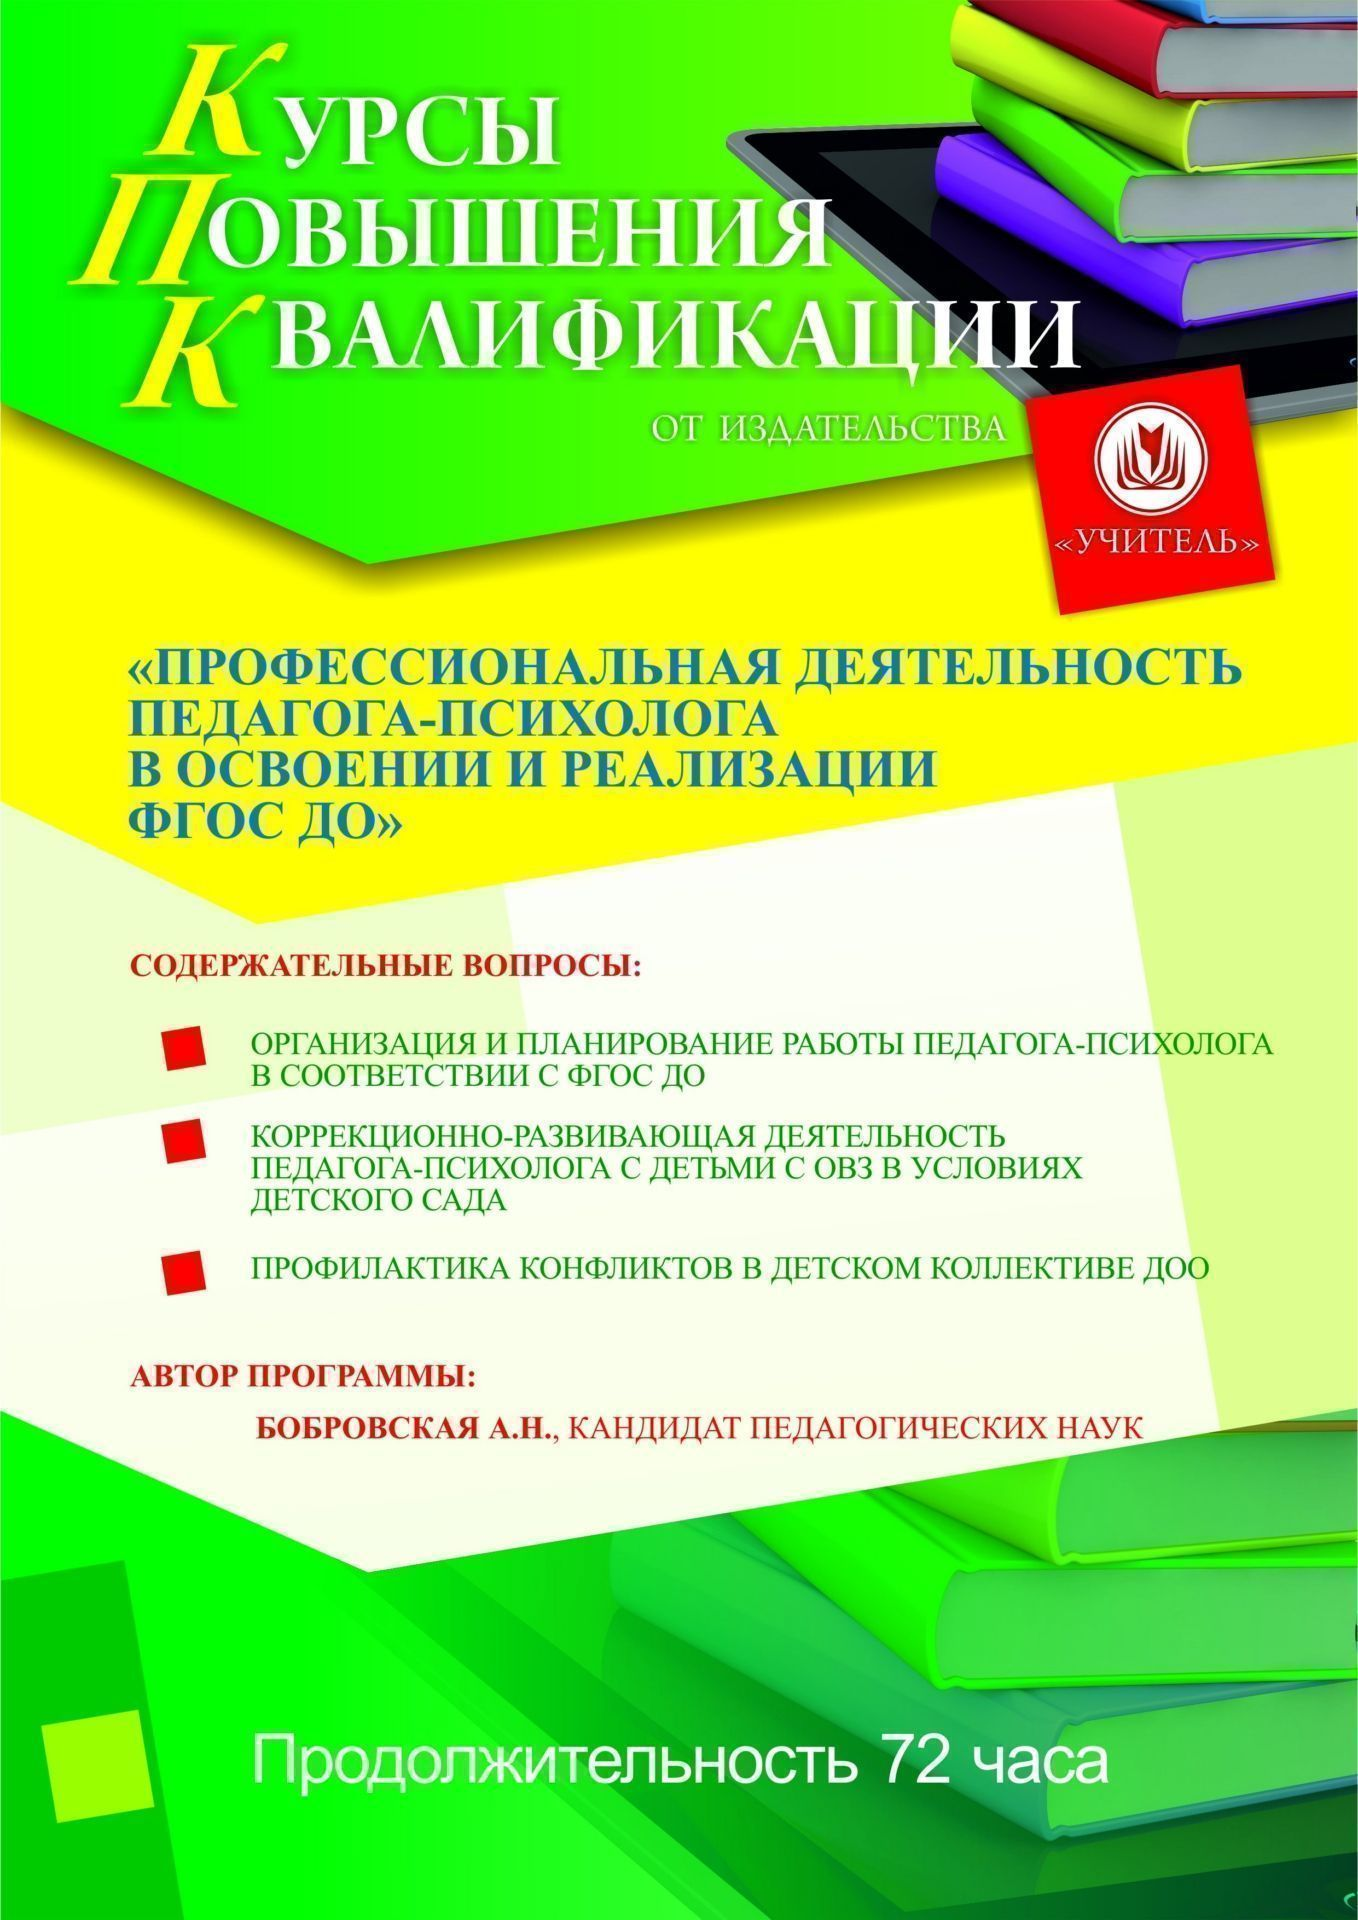 Профессиональная деятельность педагога-психолога в освоении и реализации ФГОС ДО (72 ч.) фото